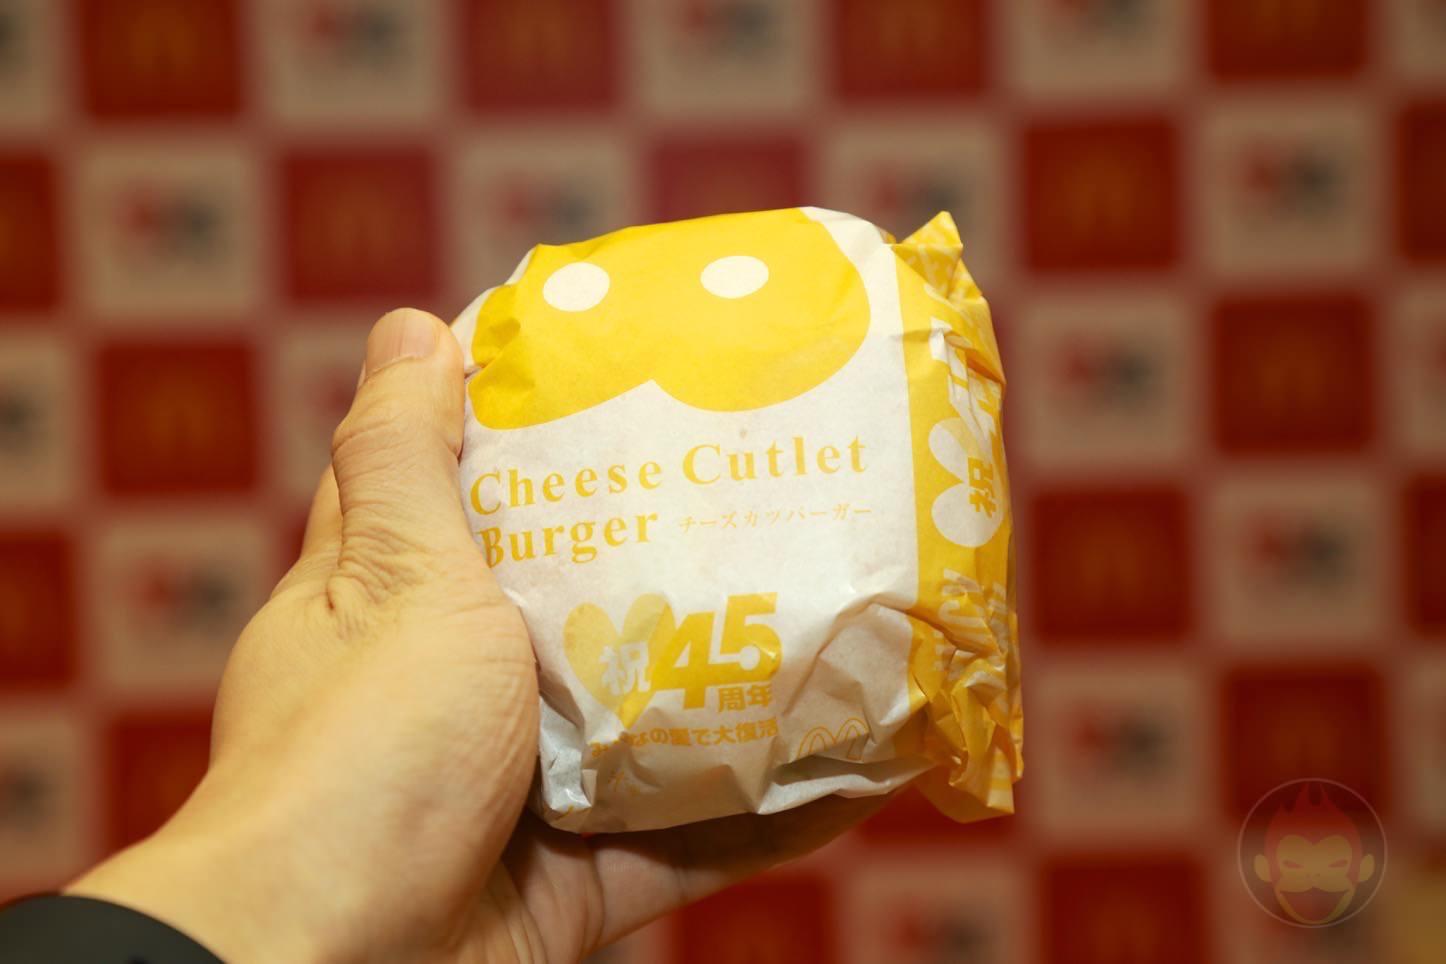 McDonalds-Cheese-Katsu-Burger-06.jpg